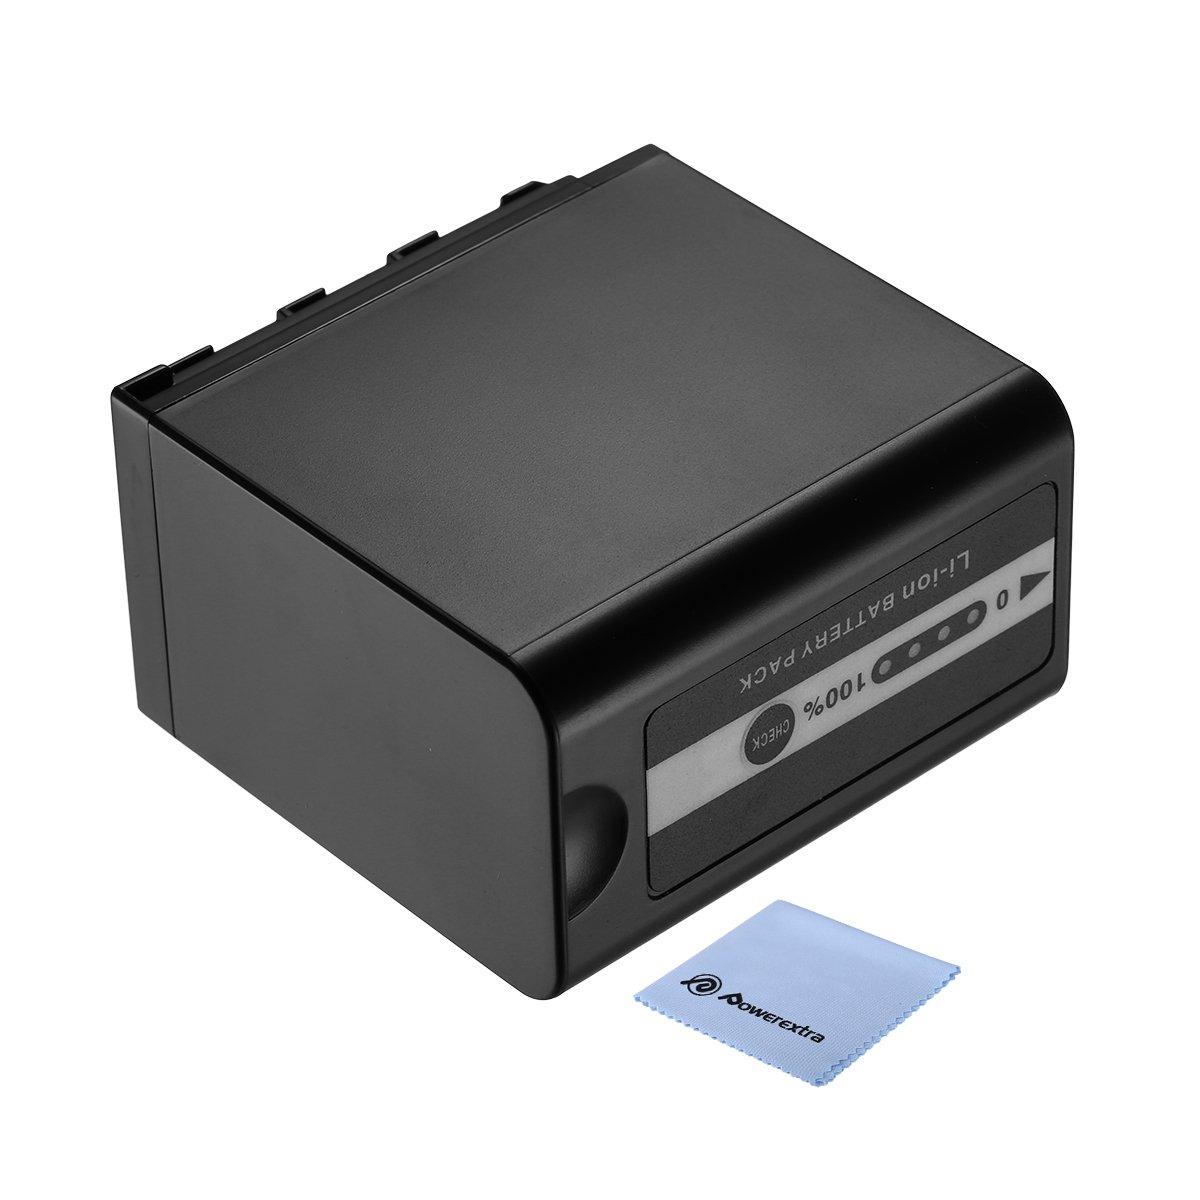 Powerextra 7800mAh Battery for Panasonic VW-VBD58 VW-VBD78 and Panasonic AG-3DA1, AG-AC8 AG-DVC30 AG-HPX171 AG-HPX250 AG-HPX255, AG-HVX201, AJ-PCS060, AJ-PX270, AJ-PX298, HC-MDH2, HC-X1000, HDC-Z10000